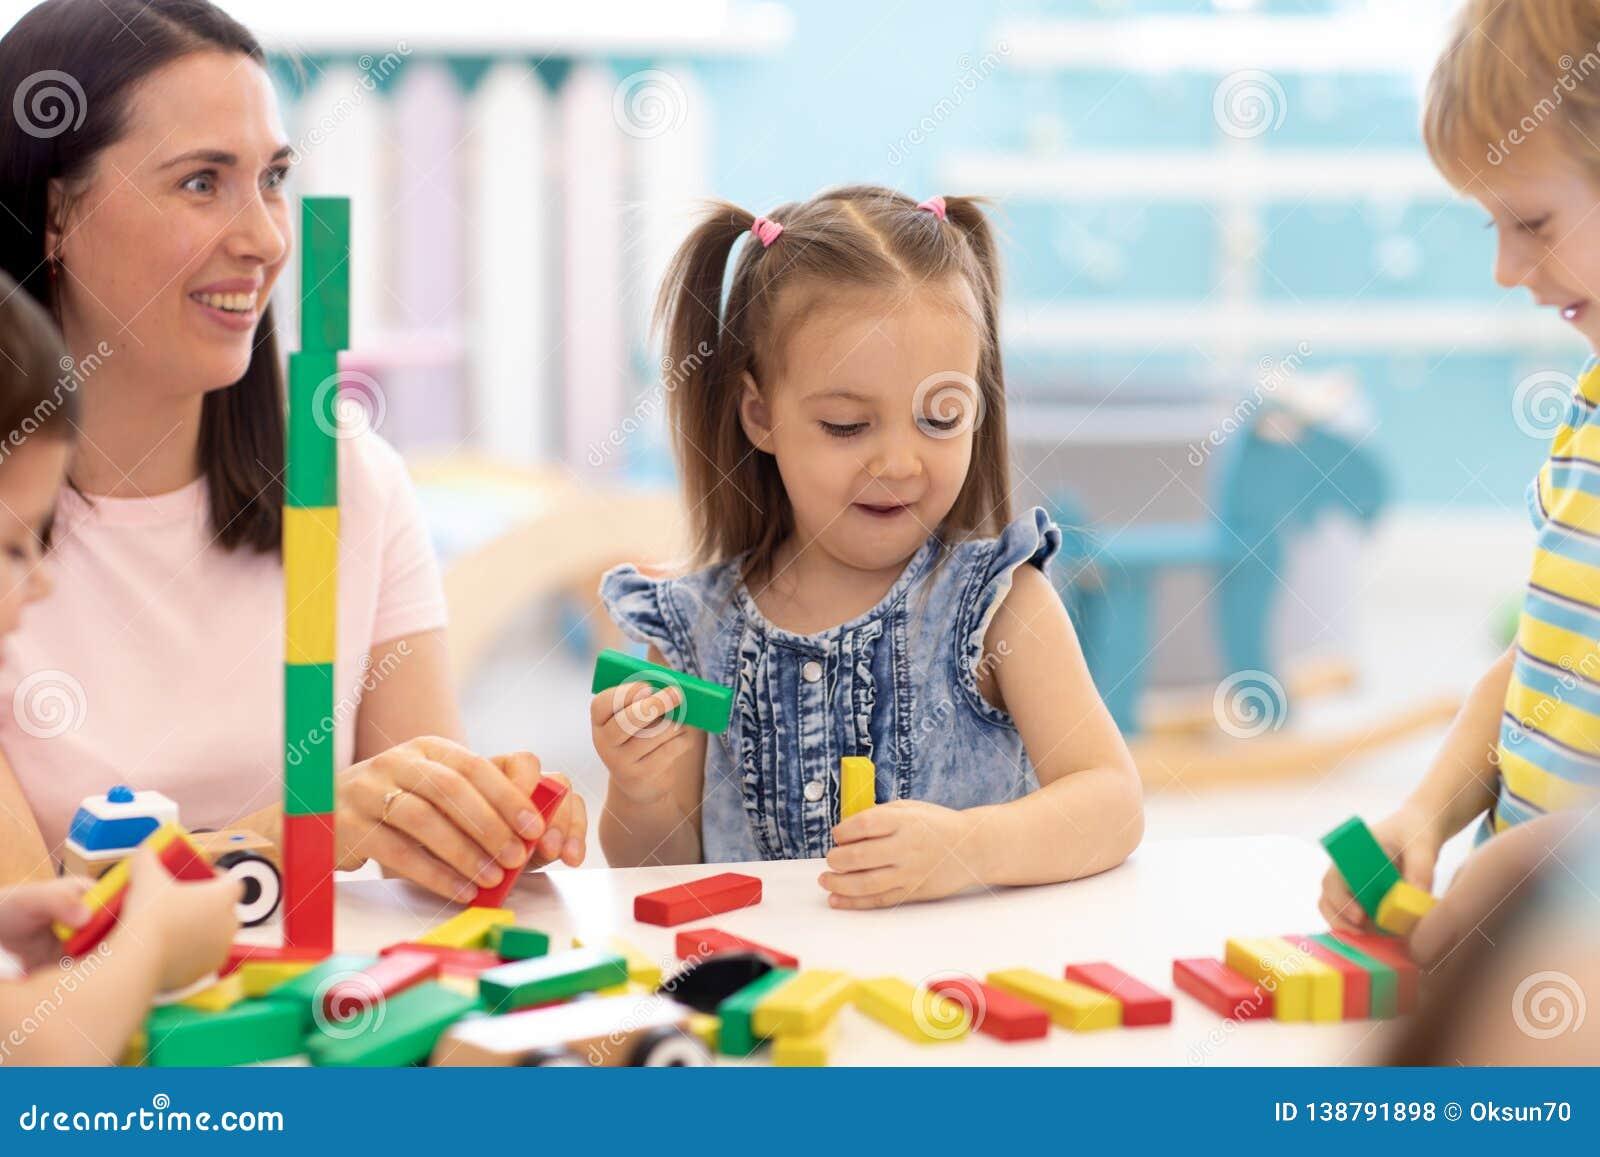 Poco juguetes de la unidad de creación de los niños en casa o guardería Niños que juegan con los bloques del color Juguetes educa